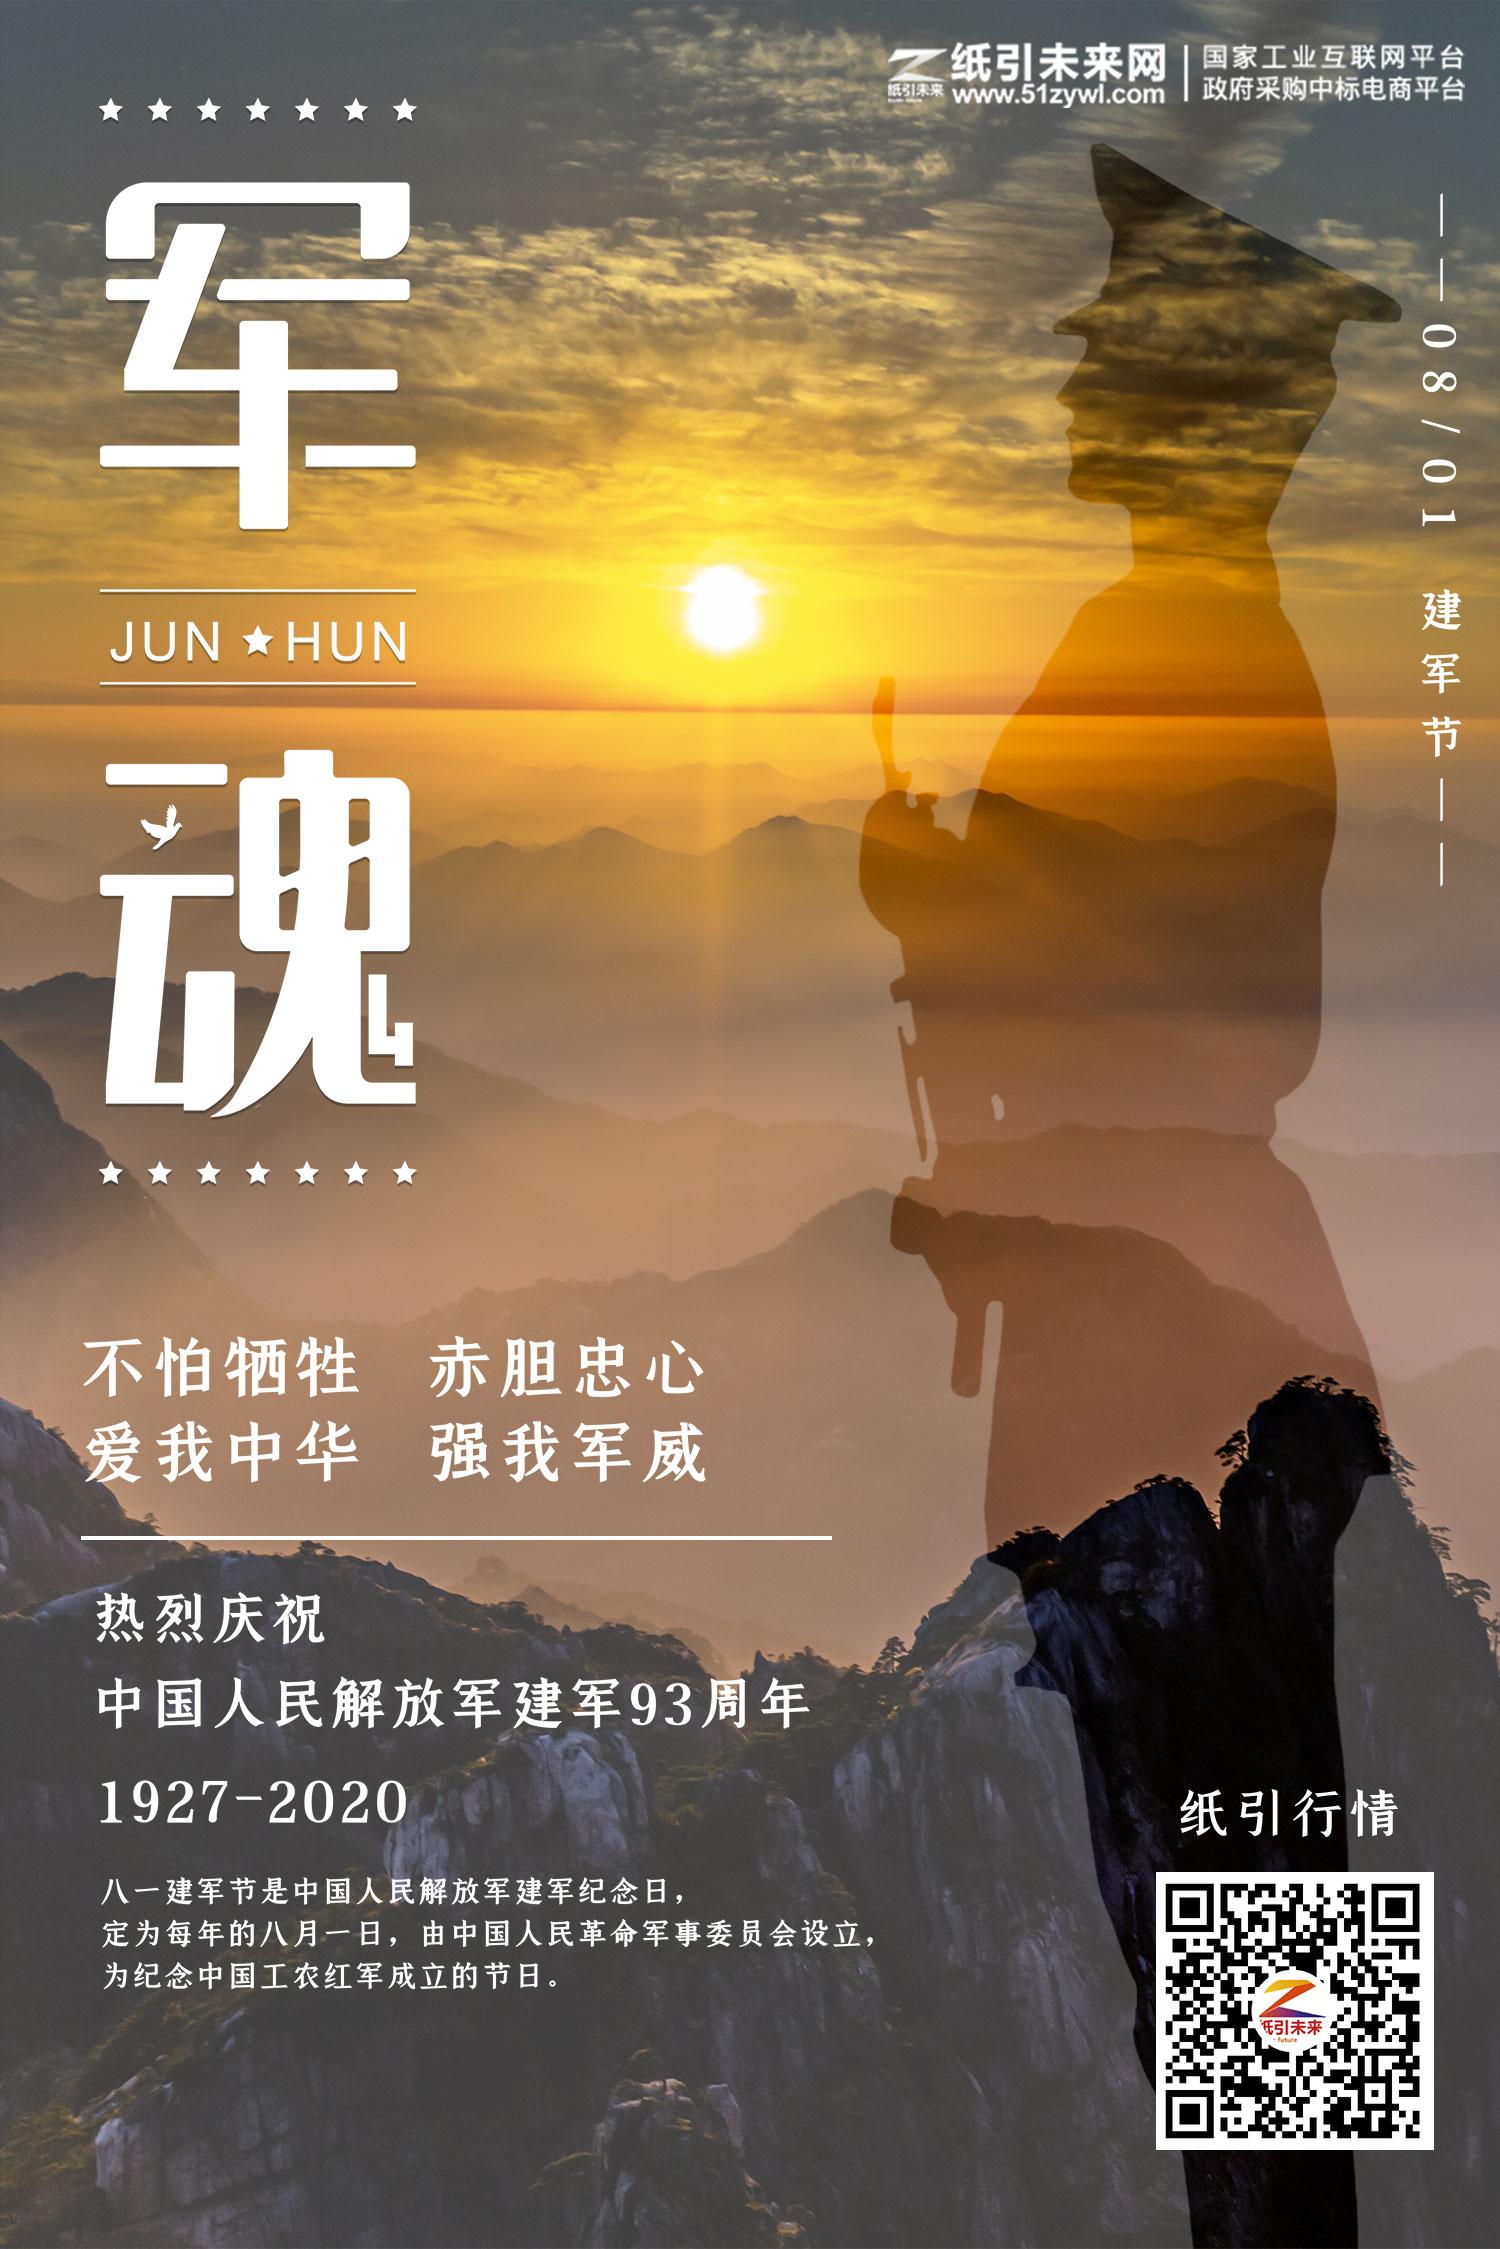 热烈庆祝中国人民解放军建军93周年!